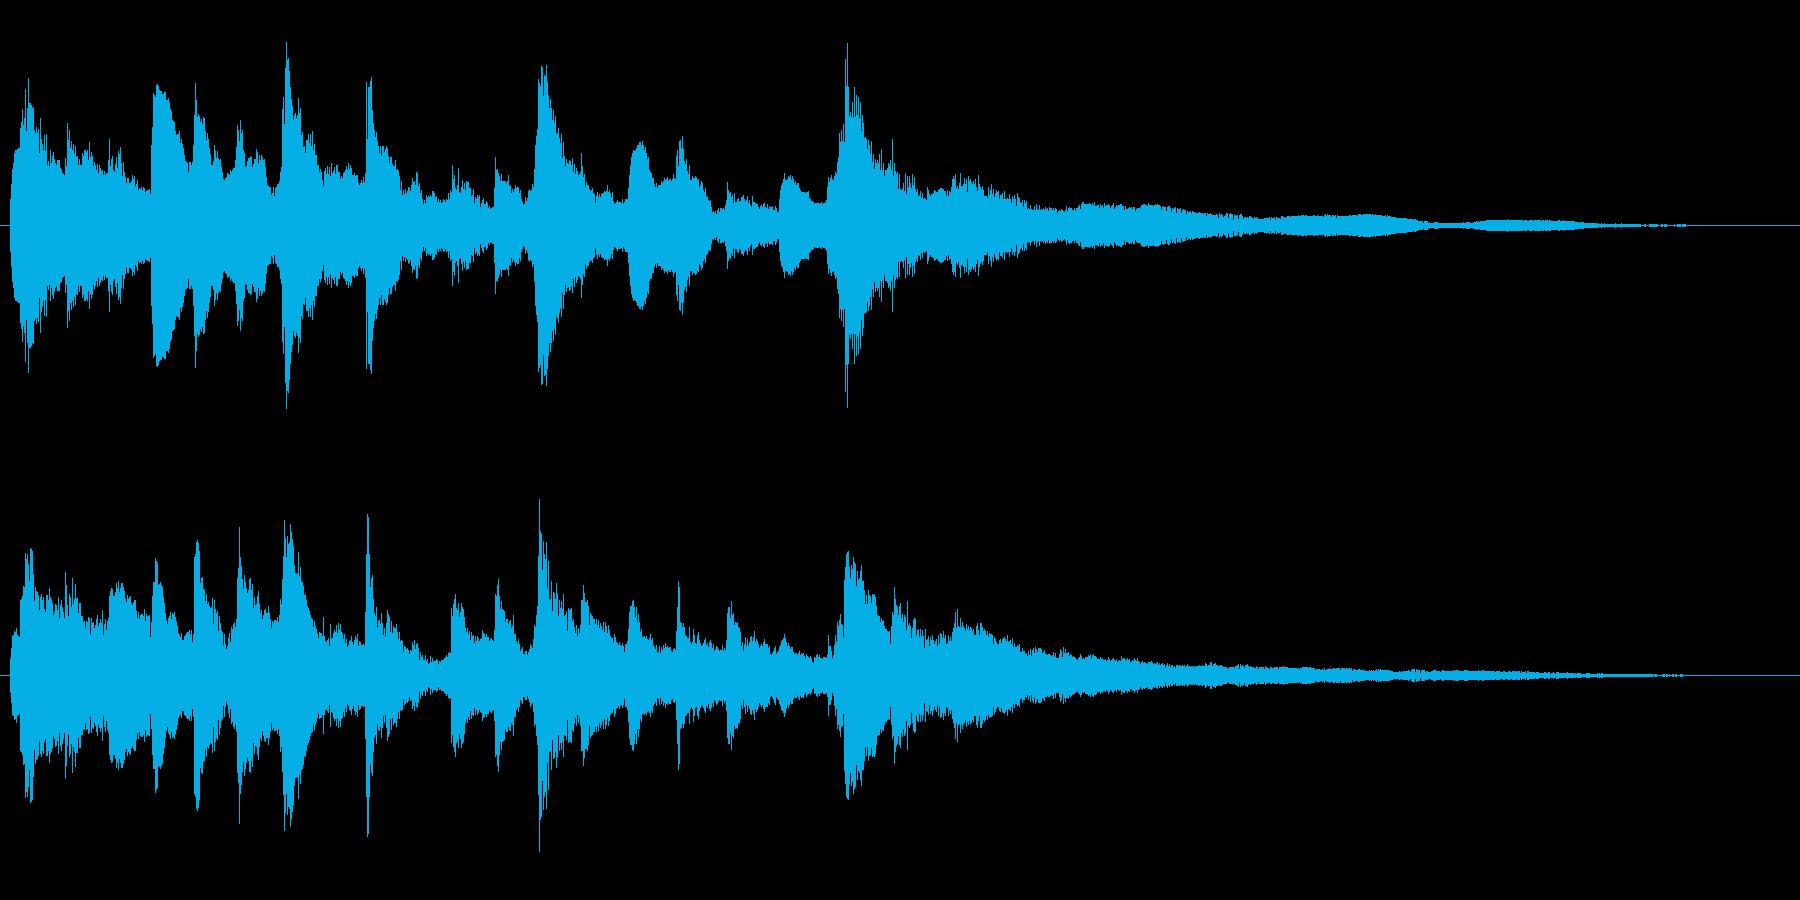 キラキラ輝くイメージ ピアノのジングルの再生済みの波形